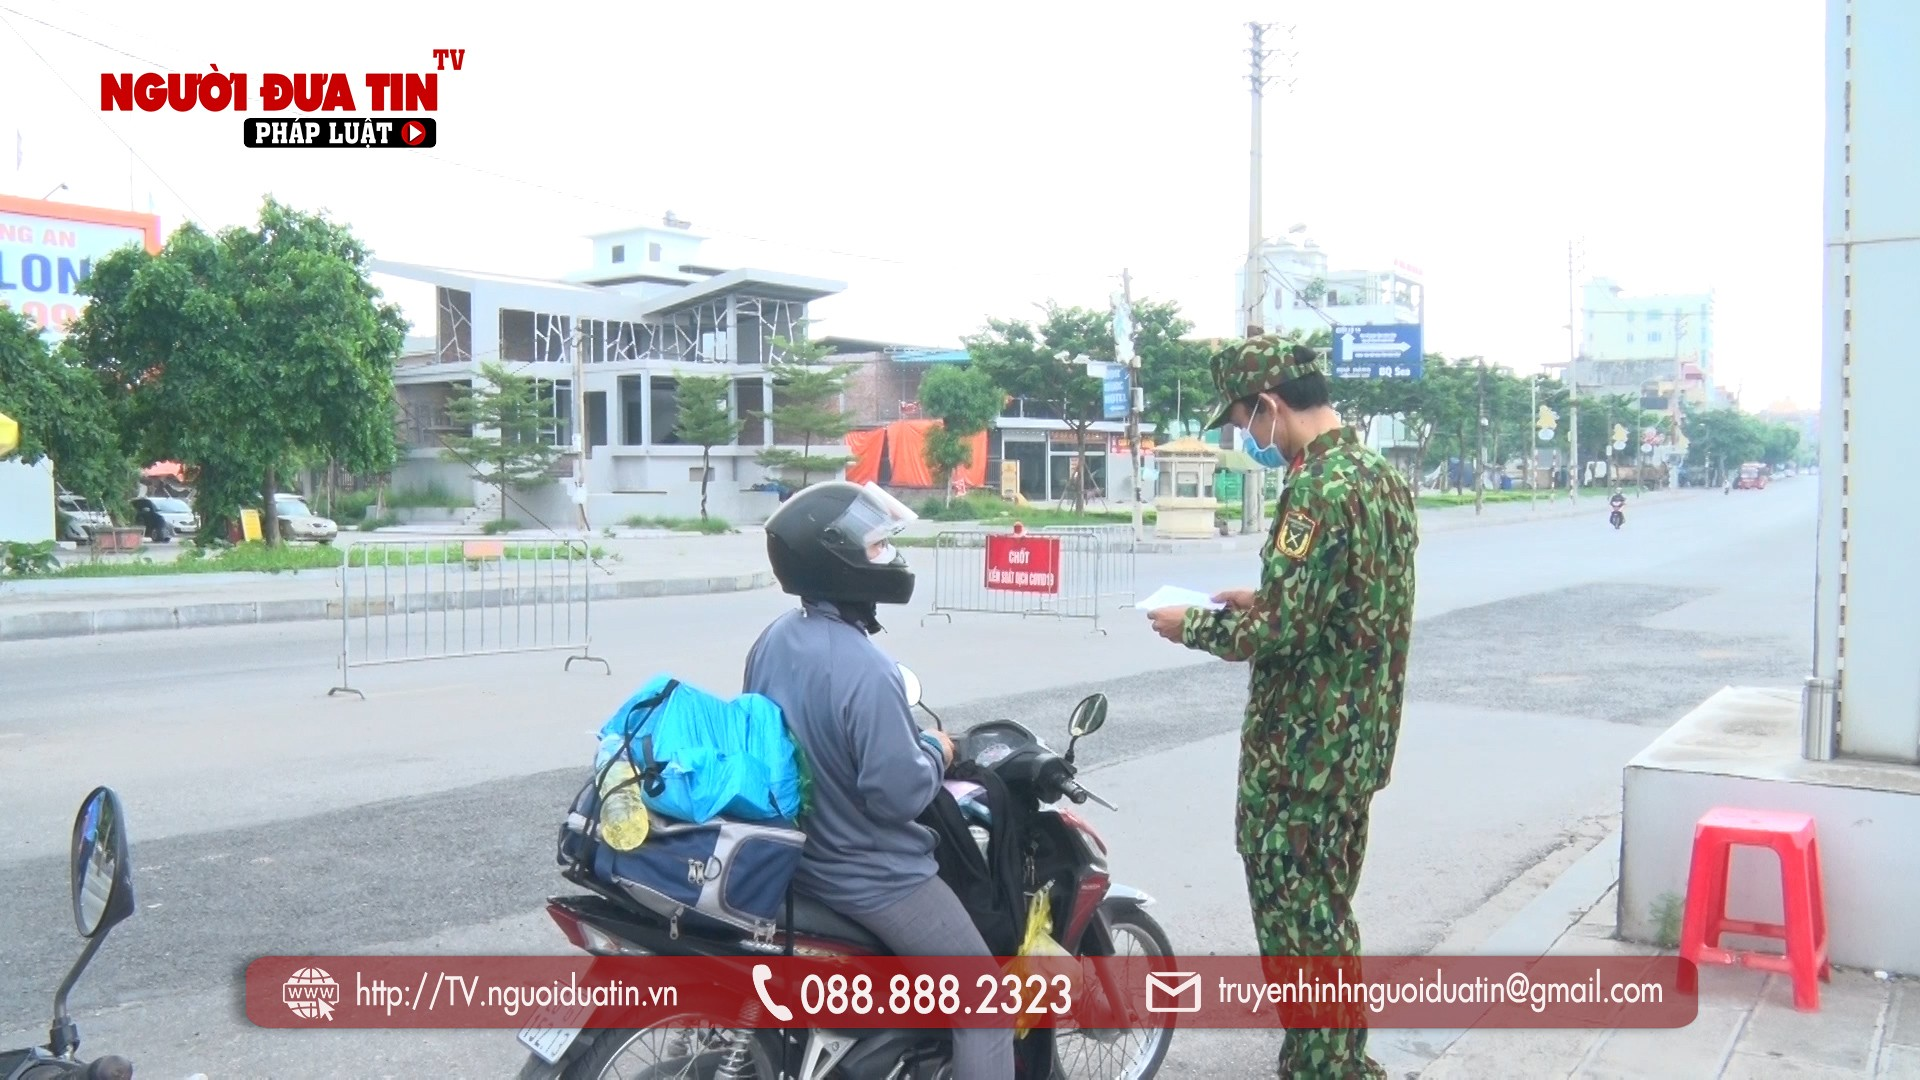 phan-luong-gt00-00-45-08still001-1629683939.jpg